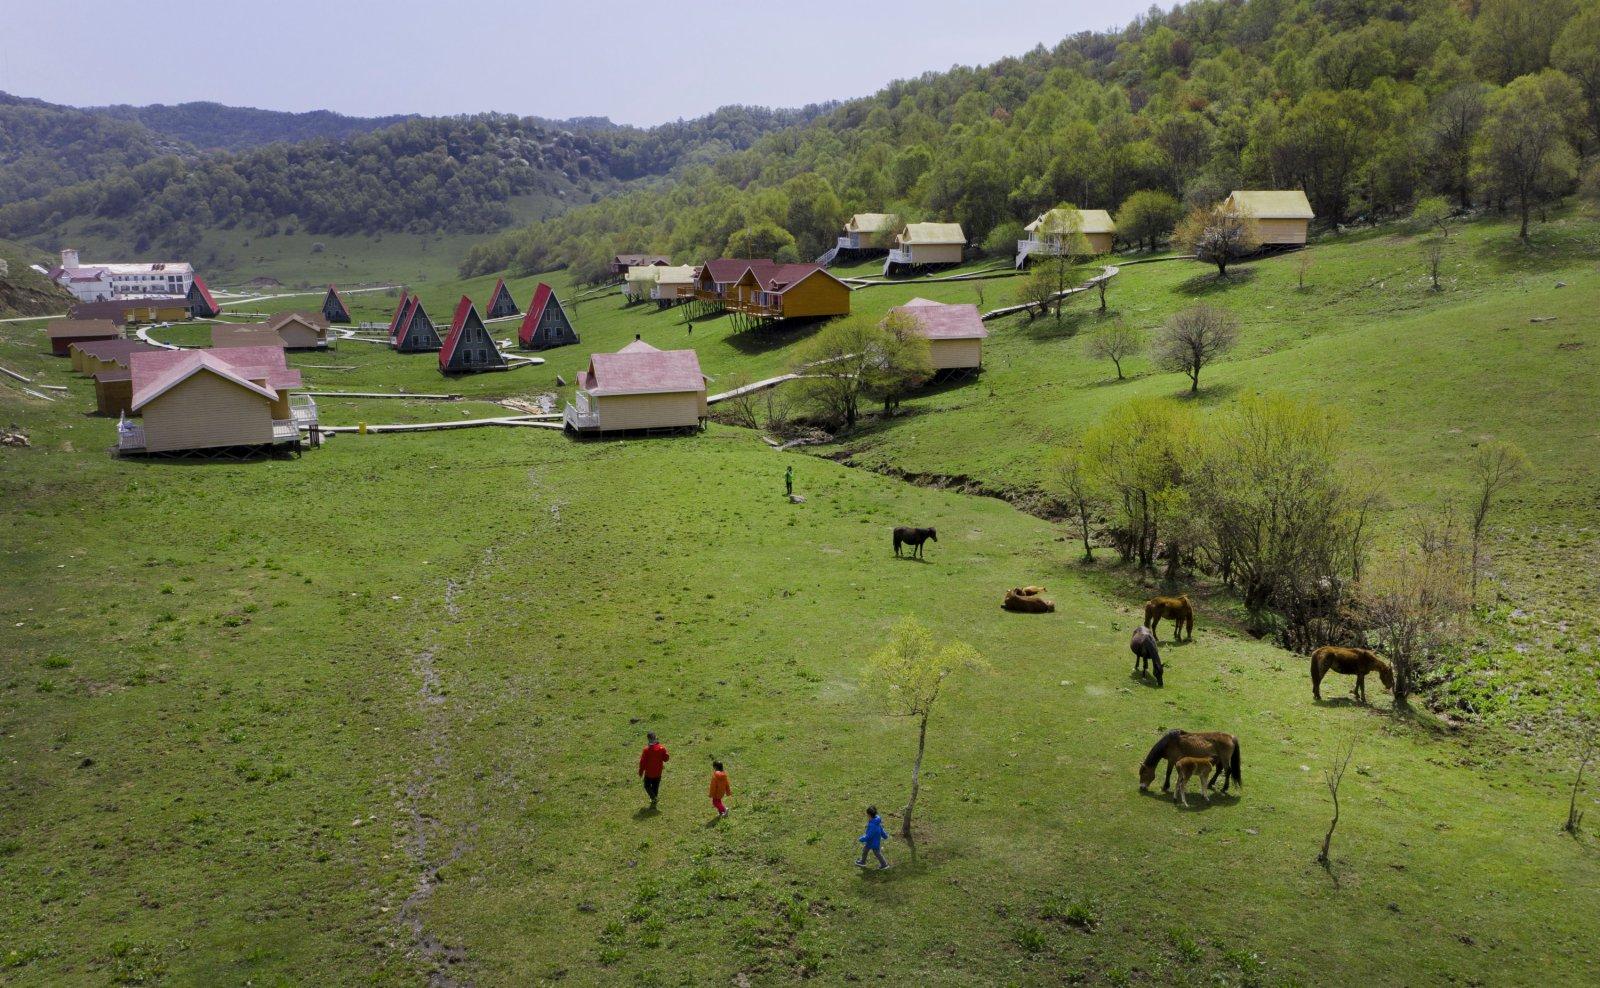 5月4日,遊人在隴縣關山草原旅遊風景區房車營地遊覽(無人機照片)。(新華社)